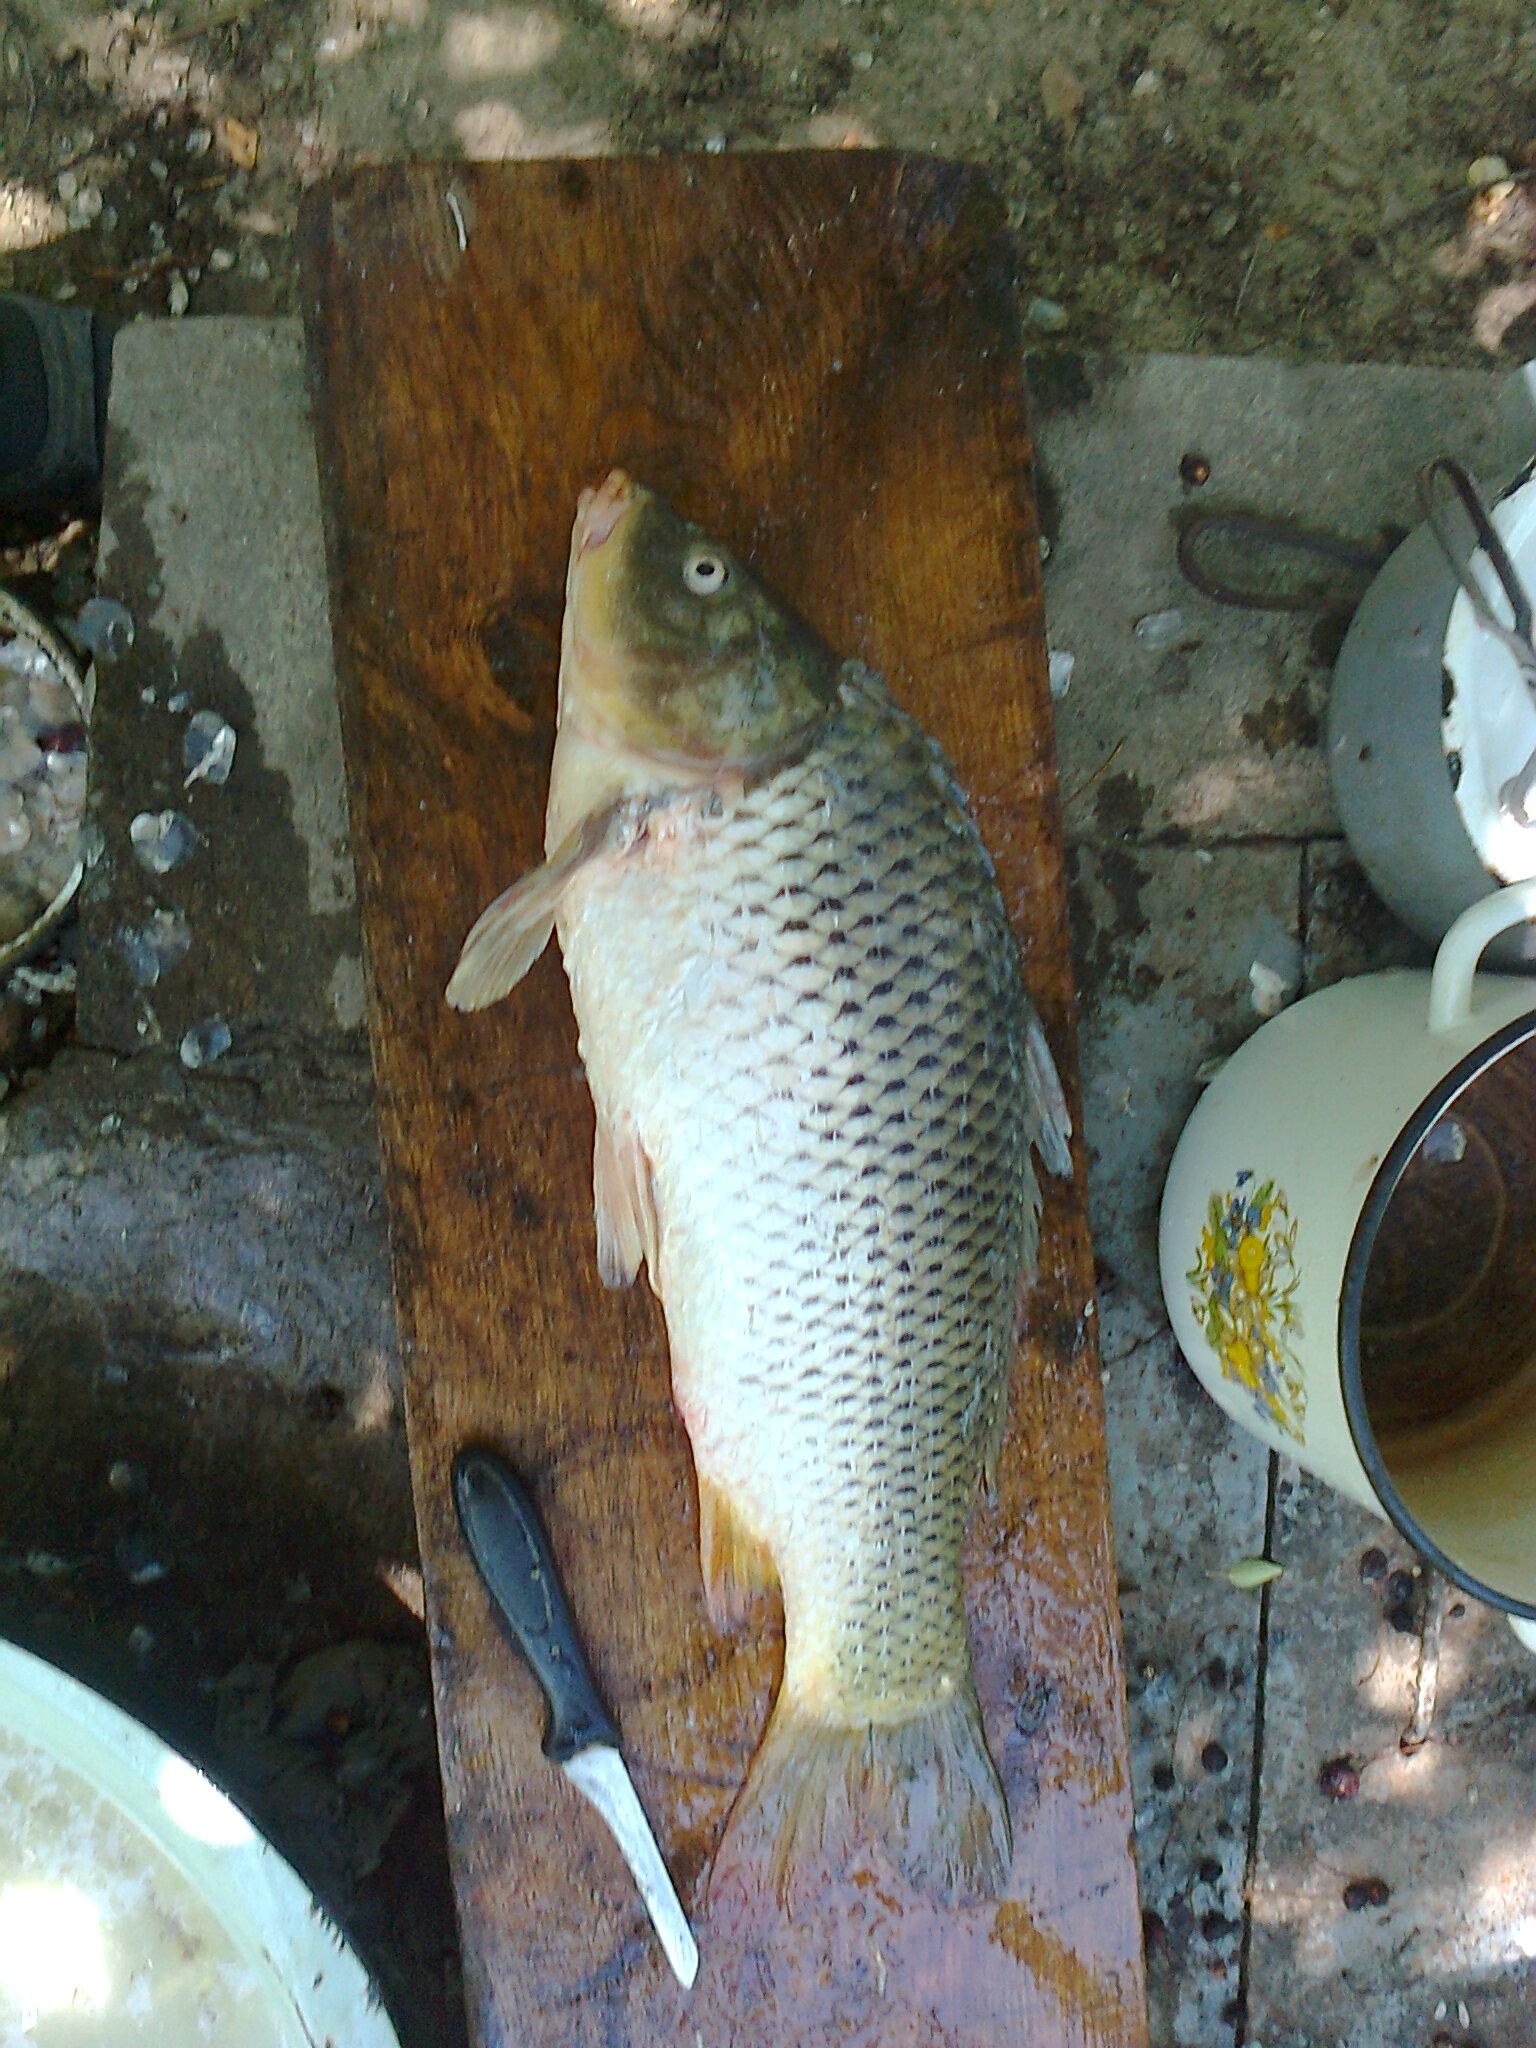 клюет ли рыба при низком давлении осенью